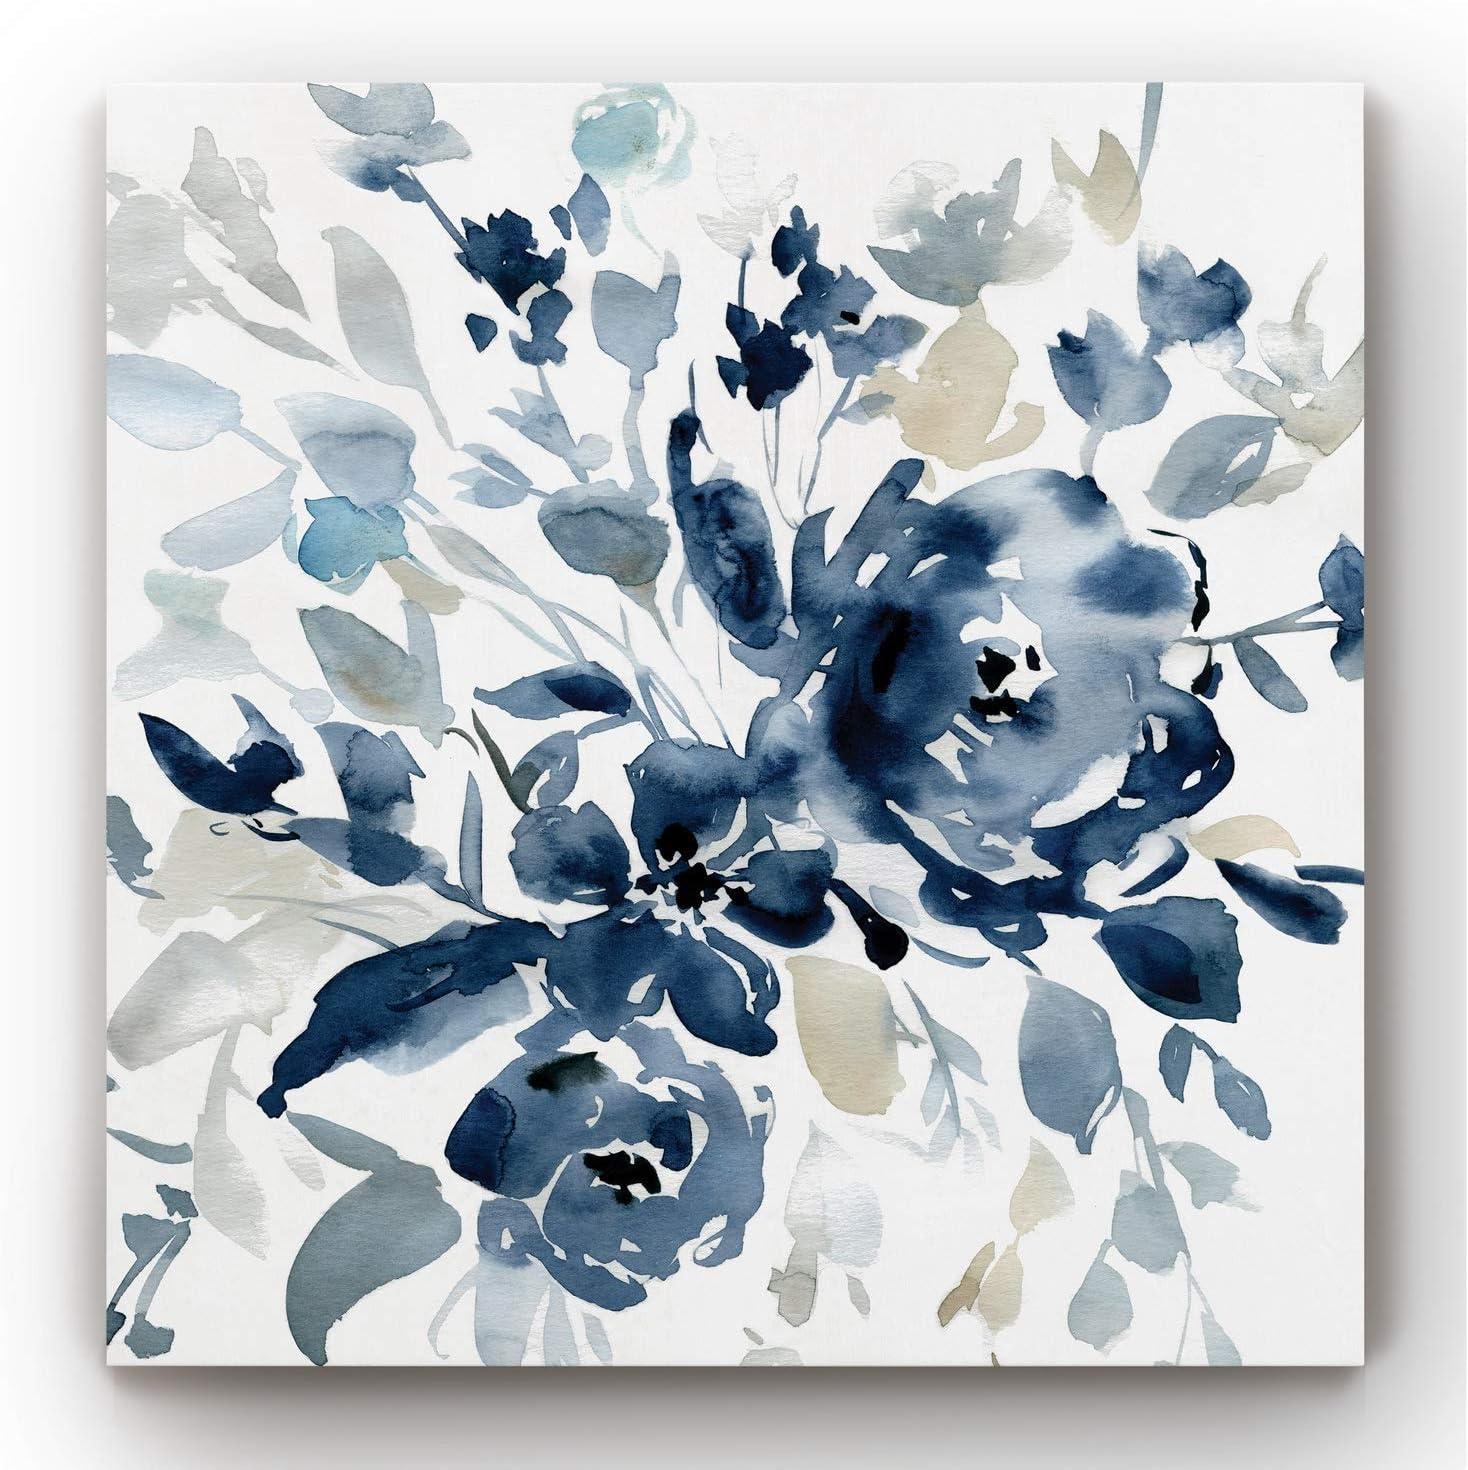 Neutral Color Wall Art, Wall Décor Canvas, Beaches, Floral, Animals, Bohemian, & Vintage Styles, Ready to Hang -Indigo Garden I 32X32